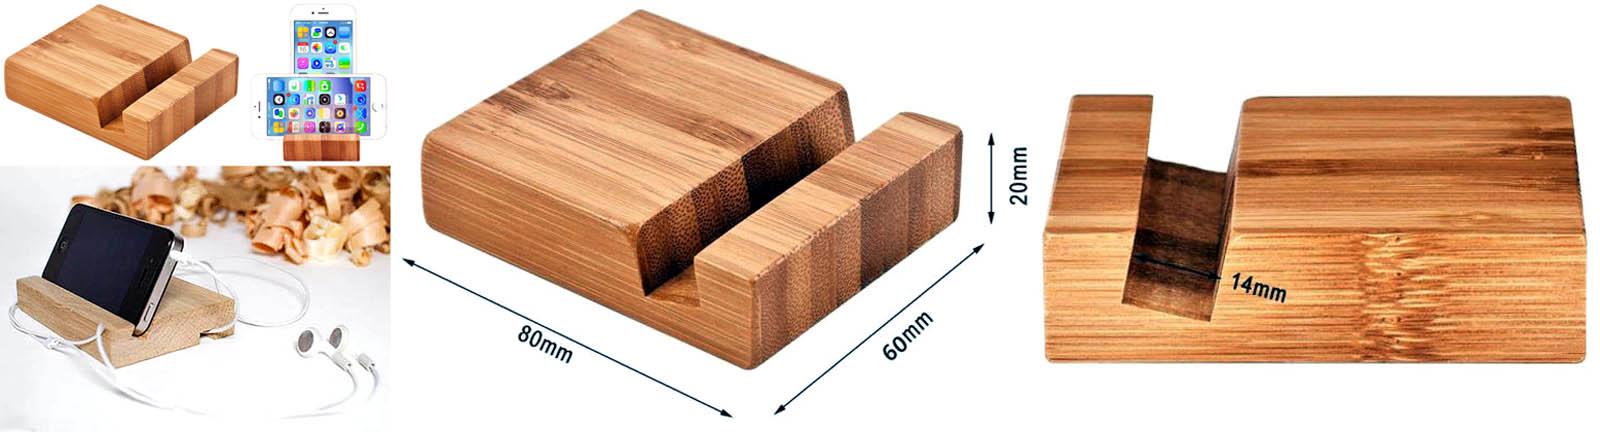 Простая подставка для телефона из дерева